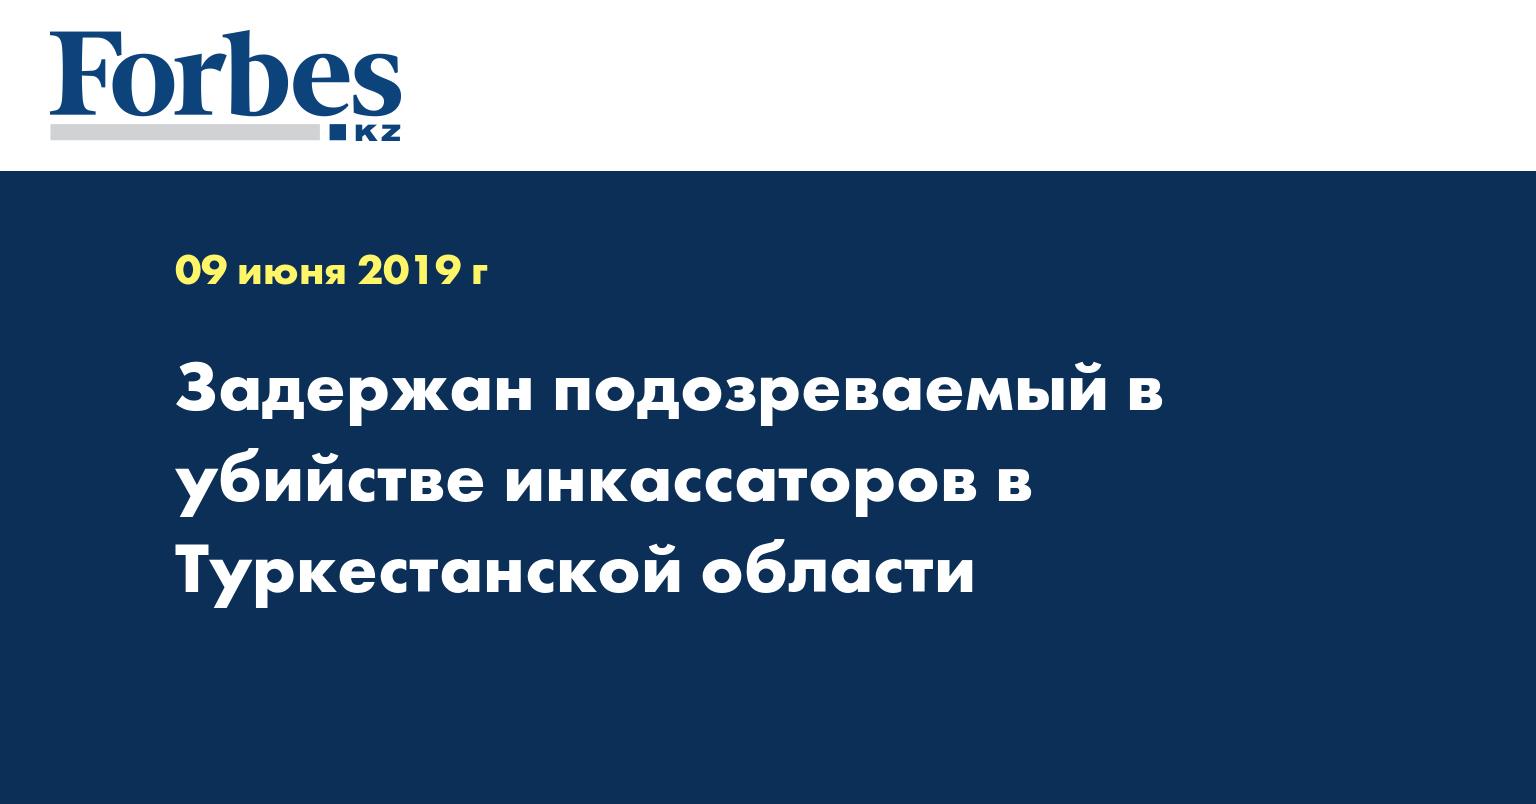 Задержан подозреваемый в убийстве инкассаторов в Туркестанской области